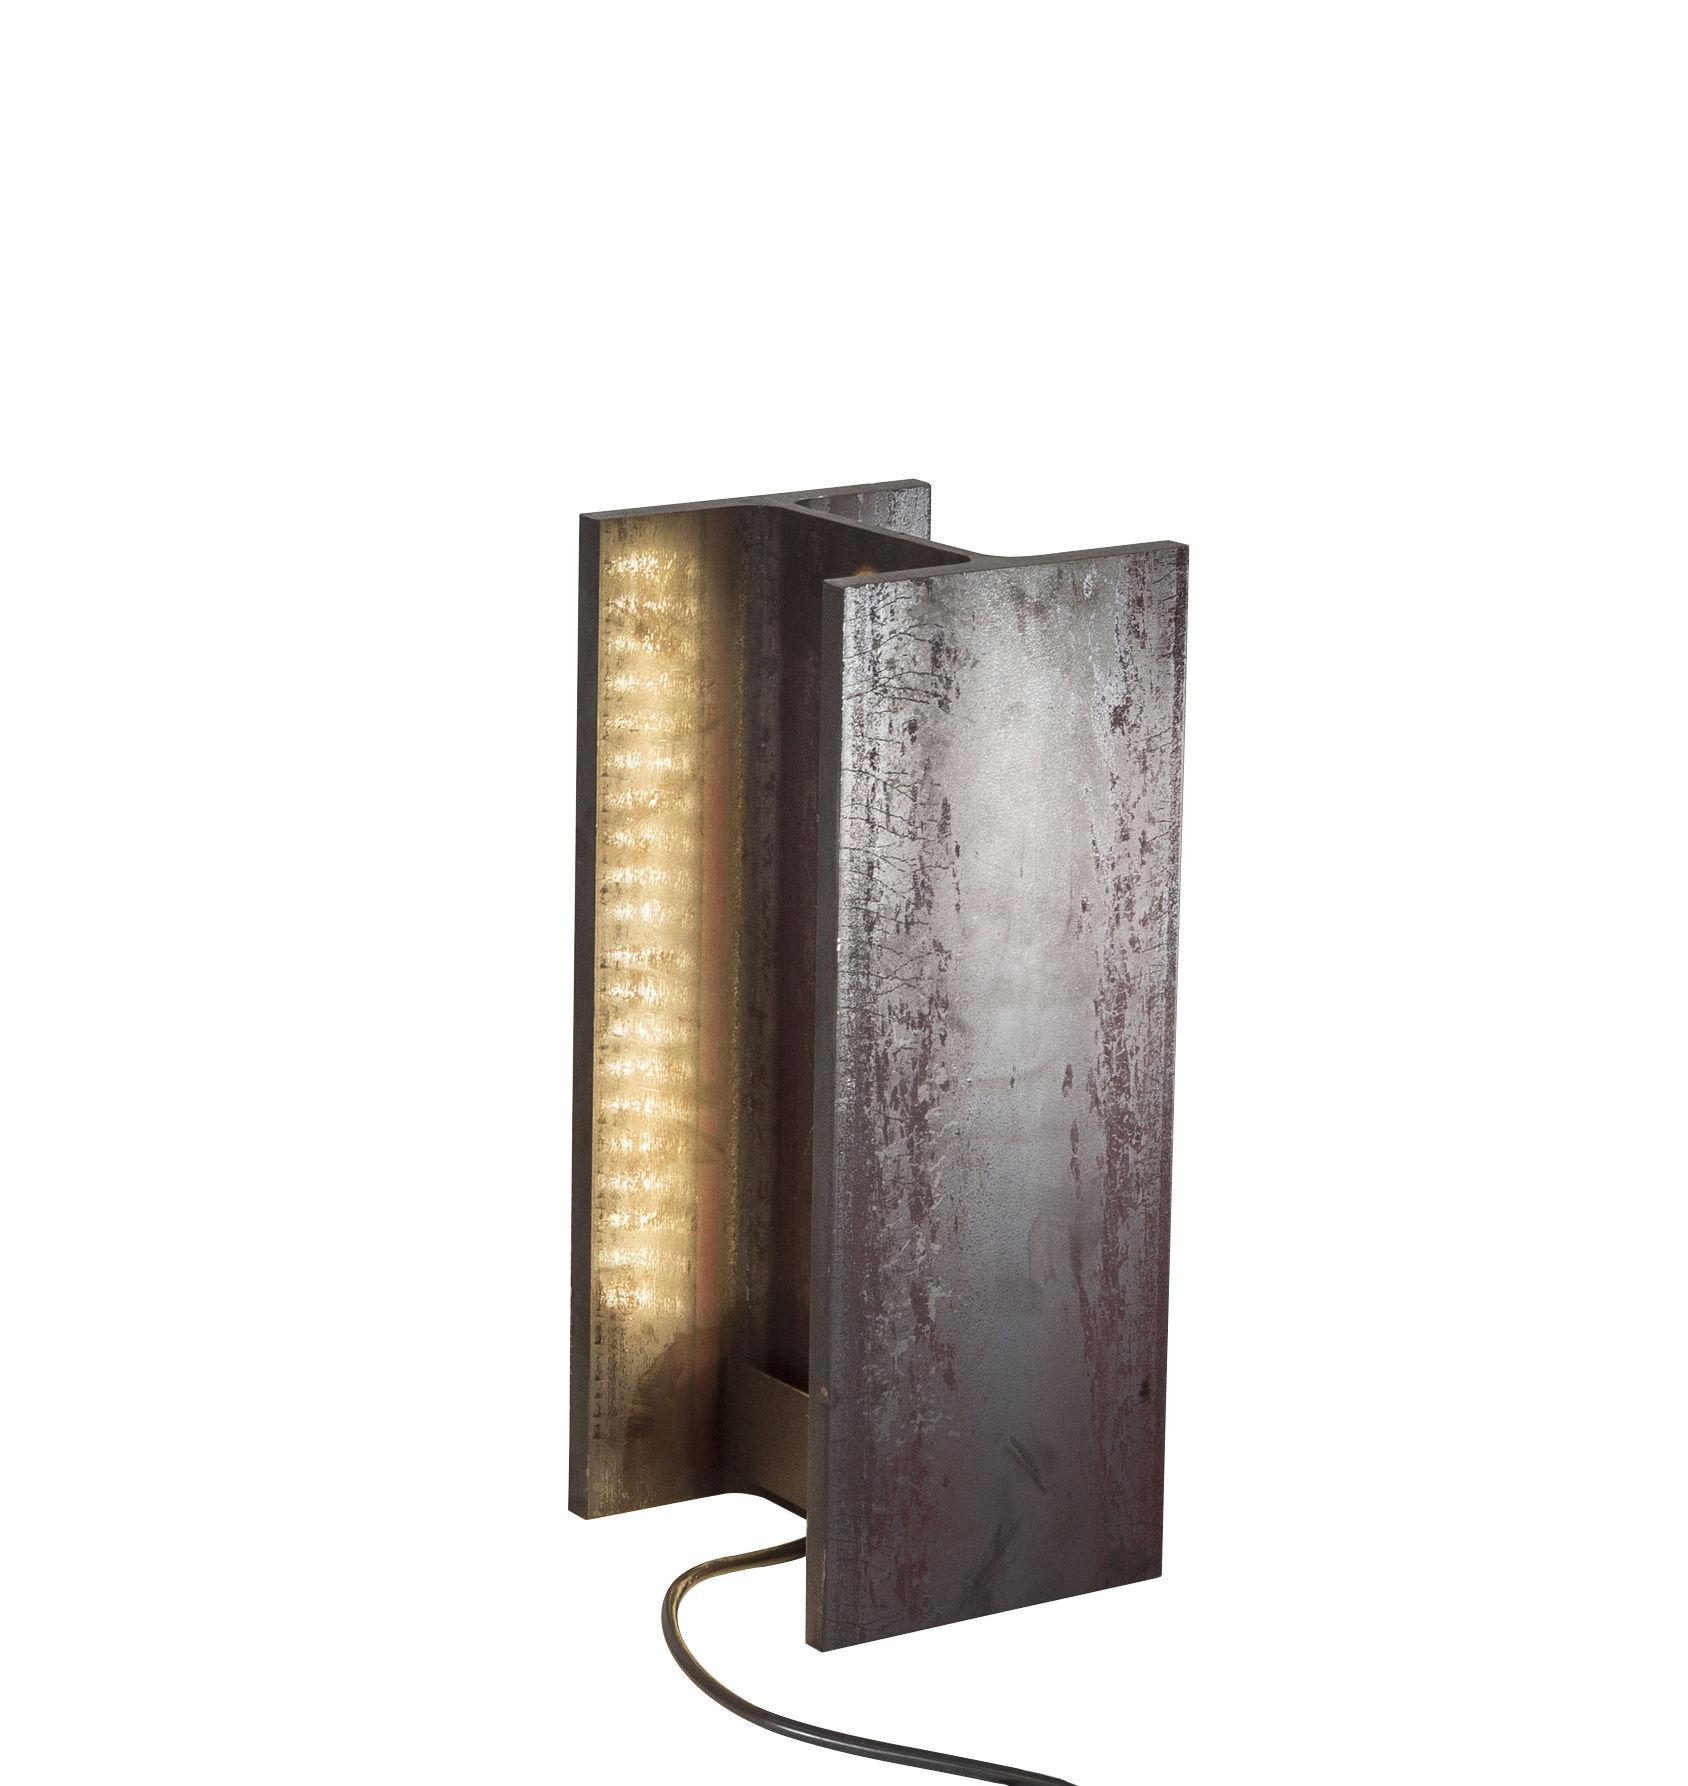 Lighting - Table Lamps - MINI Mais plus que cela je ne peux pas Lamp - / INDOOR LED - H 15 cm by Nemo - H 15 cm / Rust - Raw iron